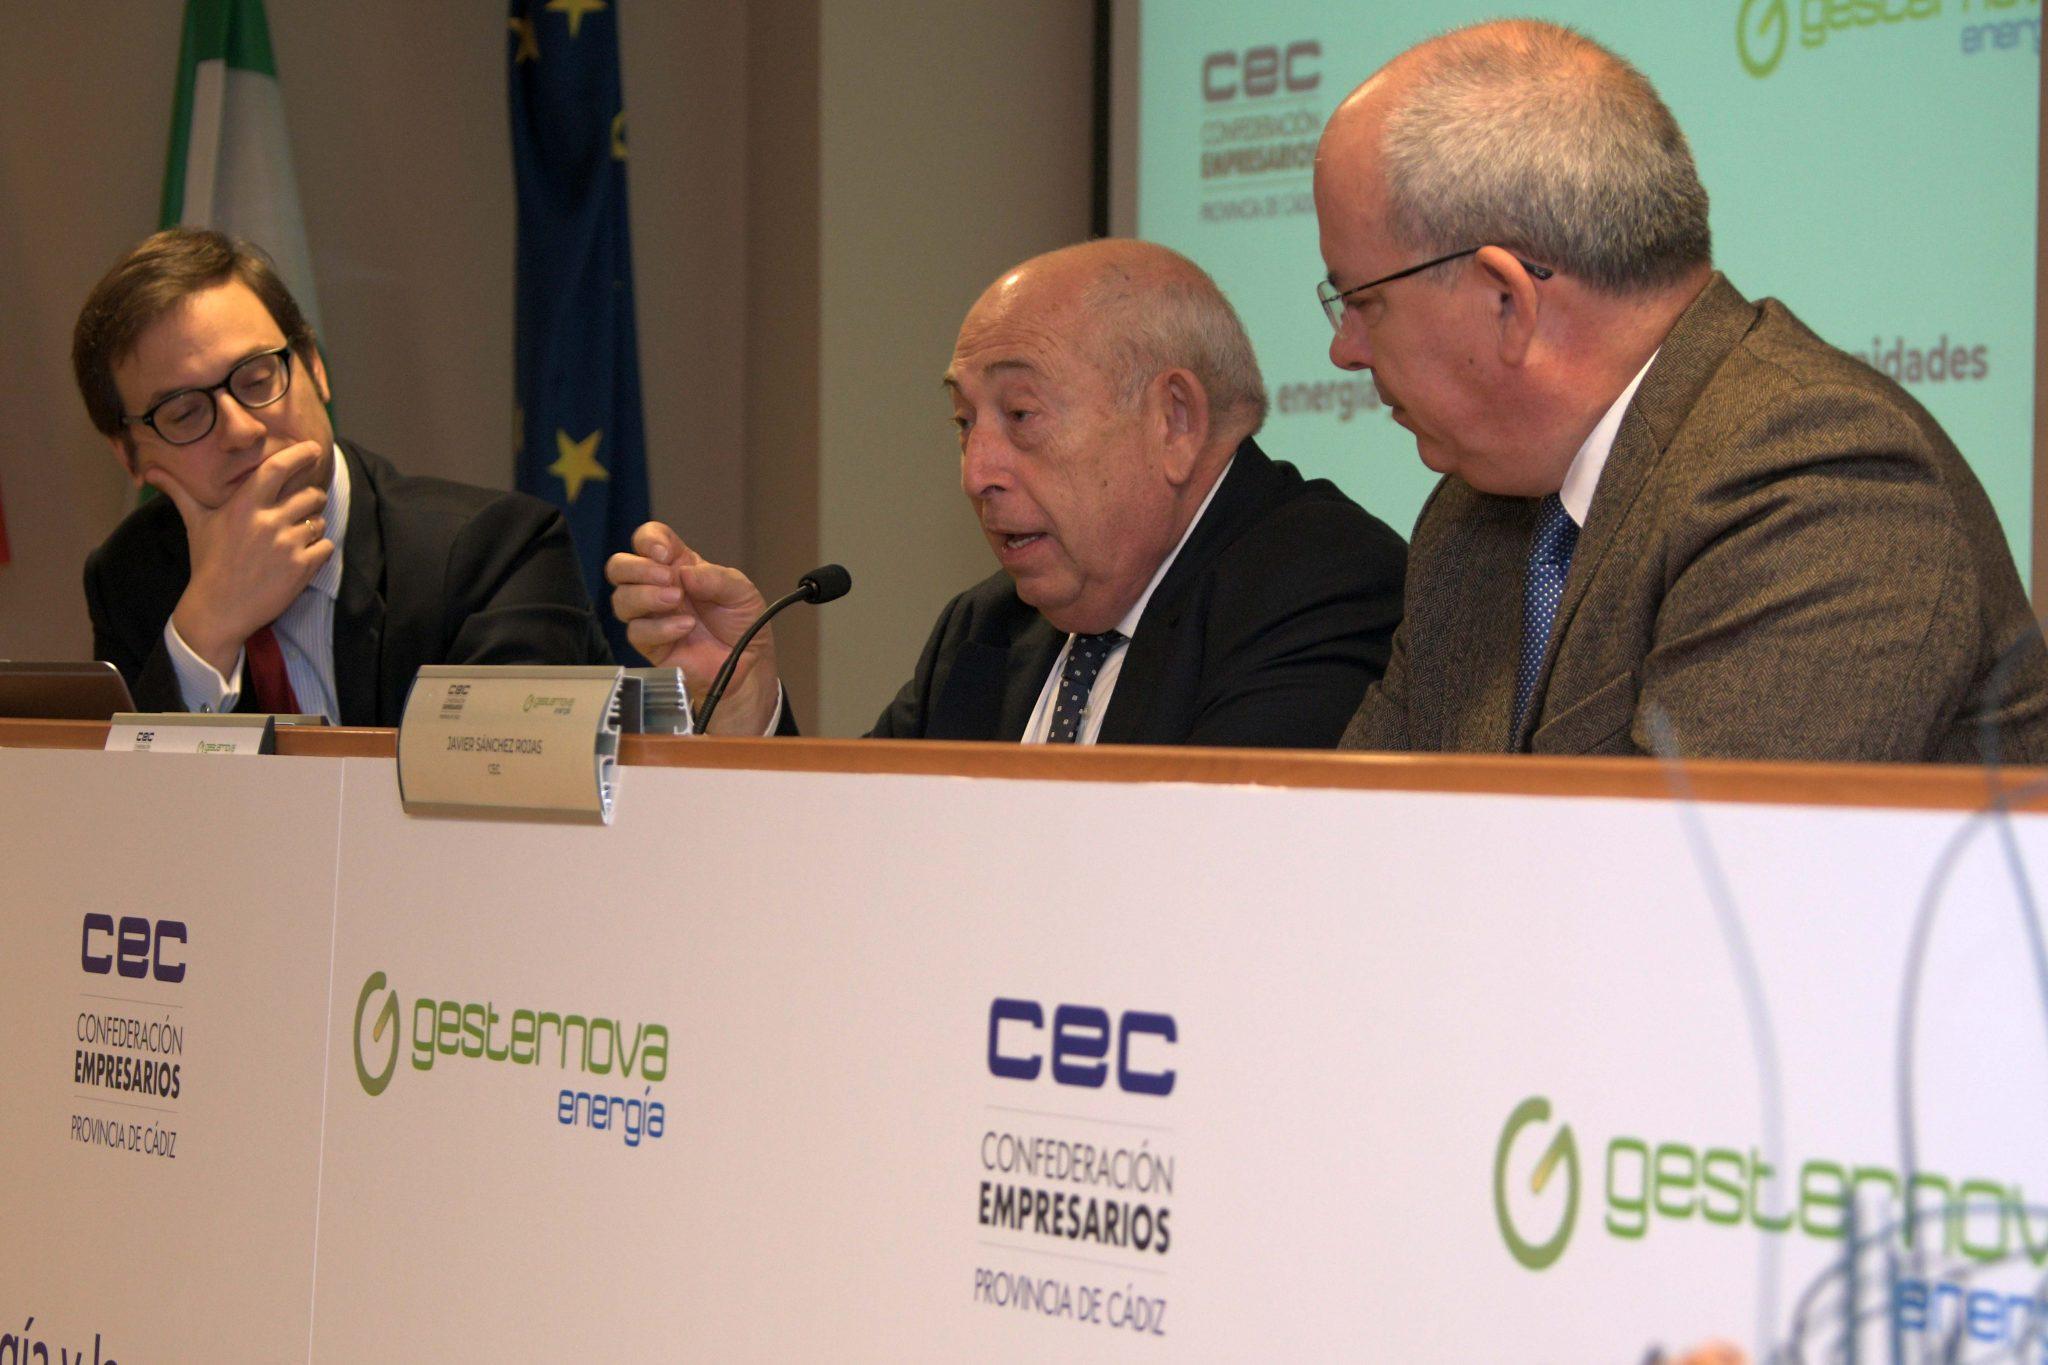 Víctor Silva, CLO Gesternova, José María González Vélez, Presidente de Gesternova y Javier Sánchez Rojas, Presidente de la CEC